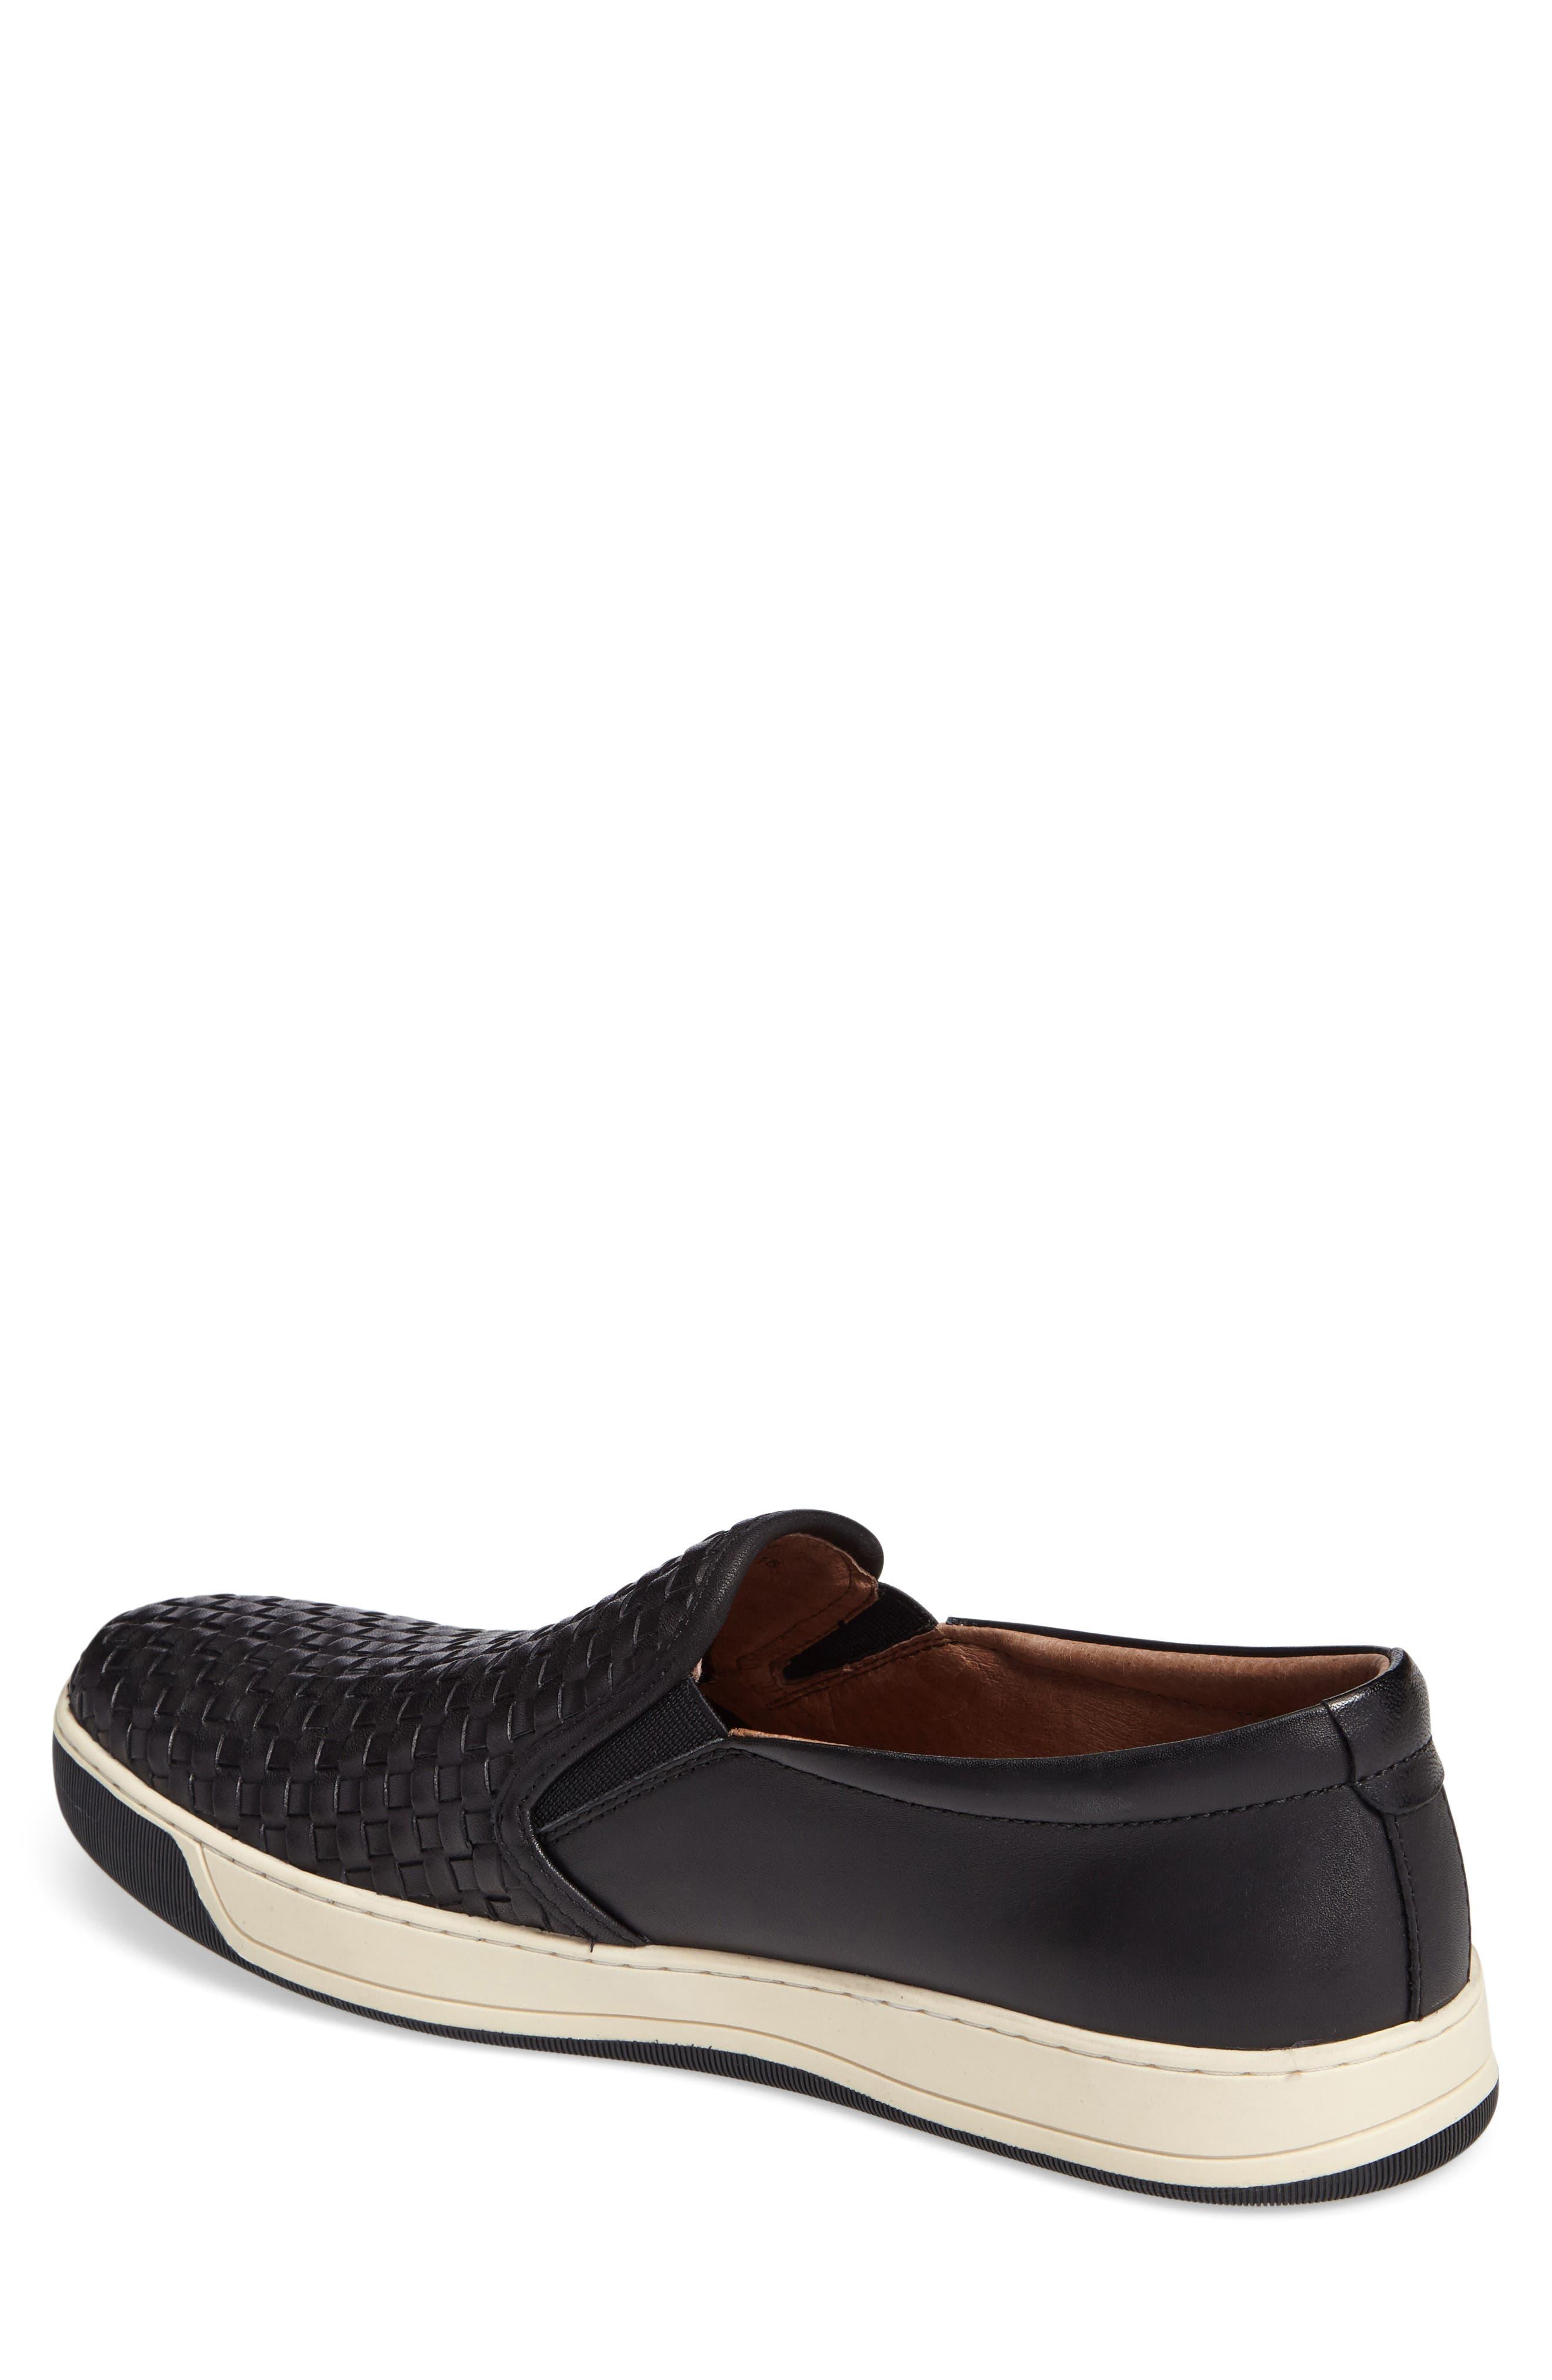 Allister Slip-On Sneaker,                             Alternate thumbnail 2, color,                             BLACK LEATHER